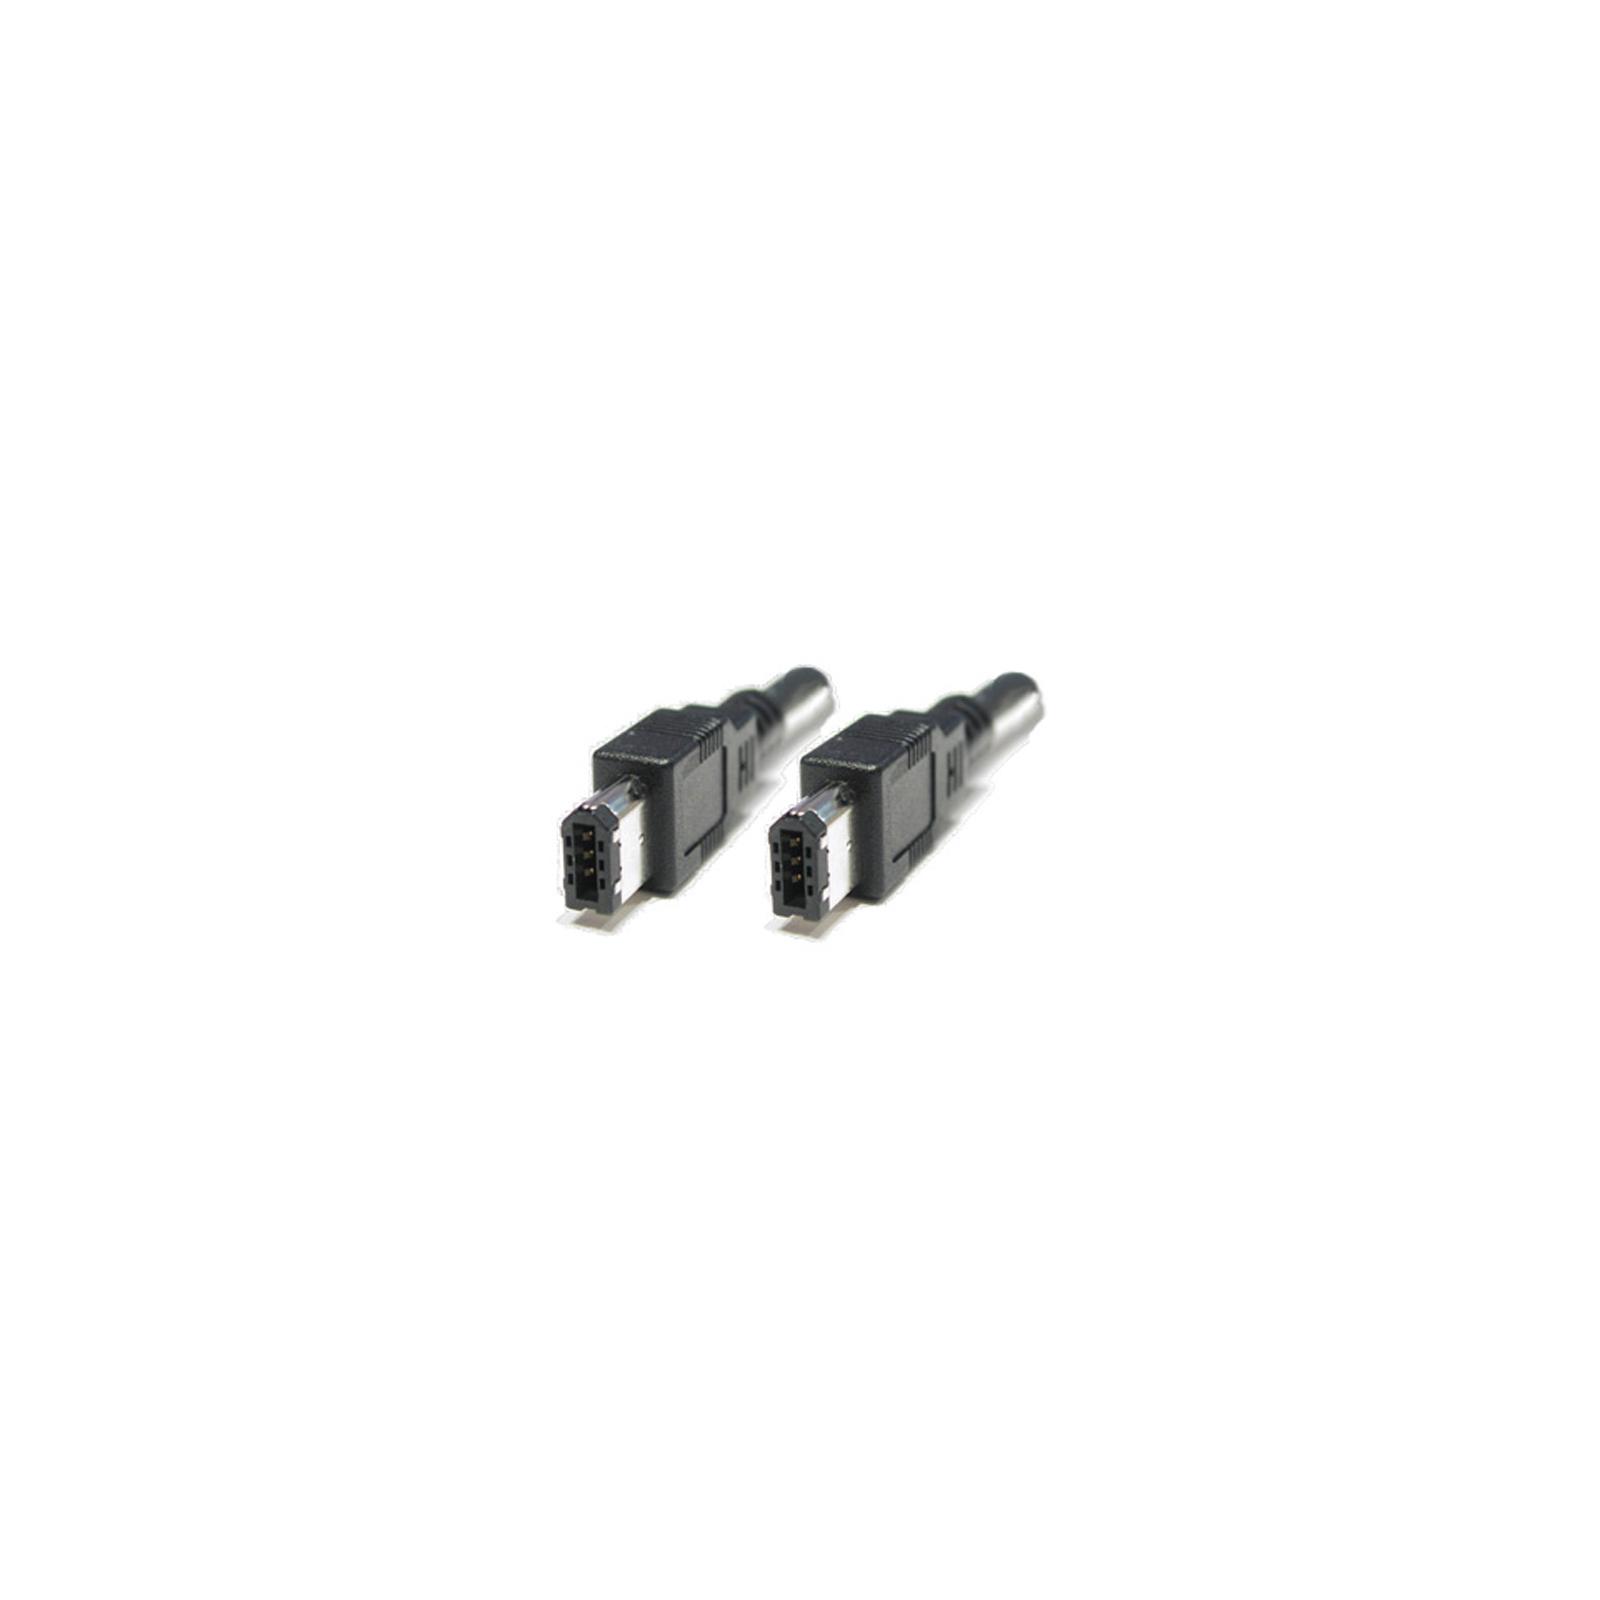 Кабель для передачи данных Firewire 6/6 3.0m Cablexpert (FWP-66-15) изображение 2